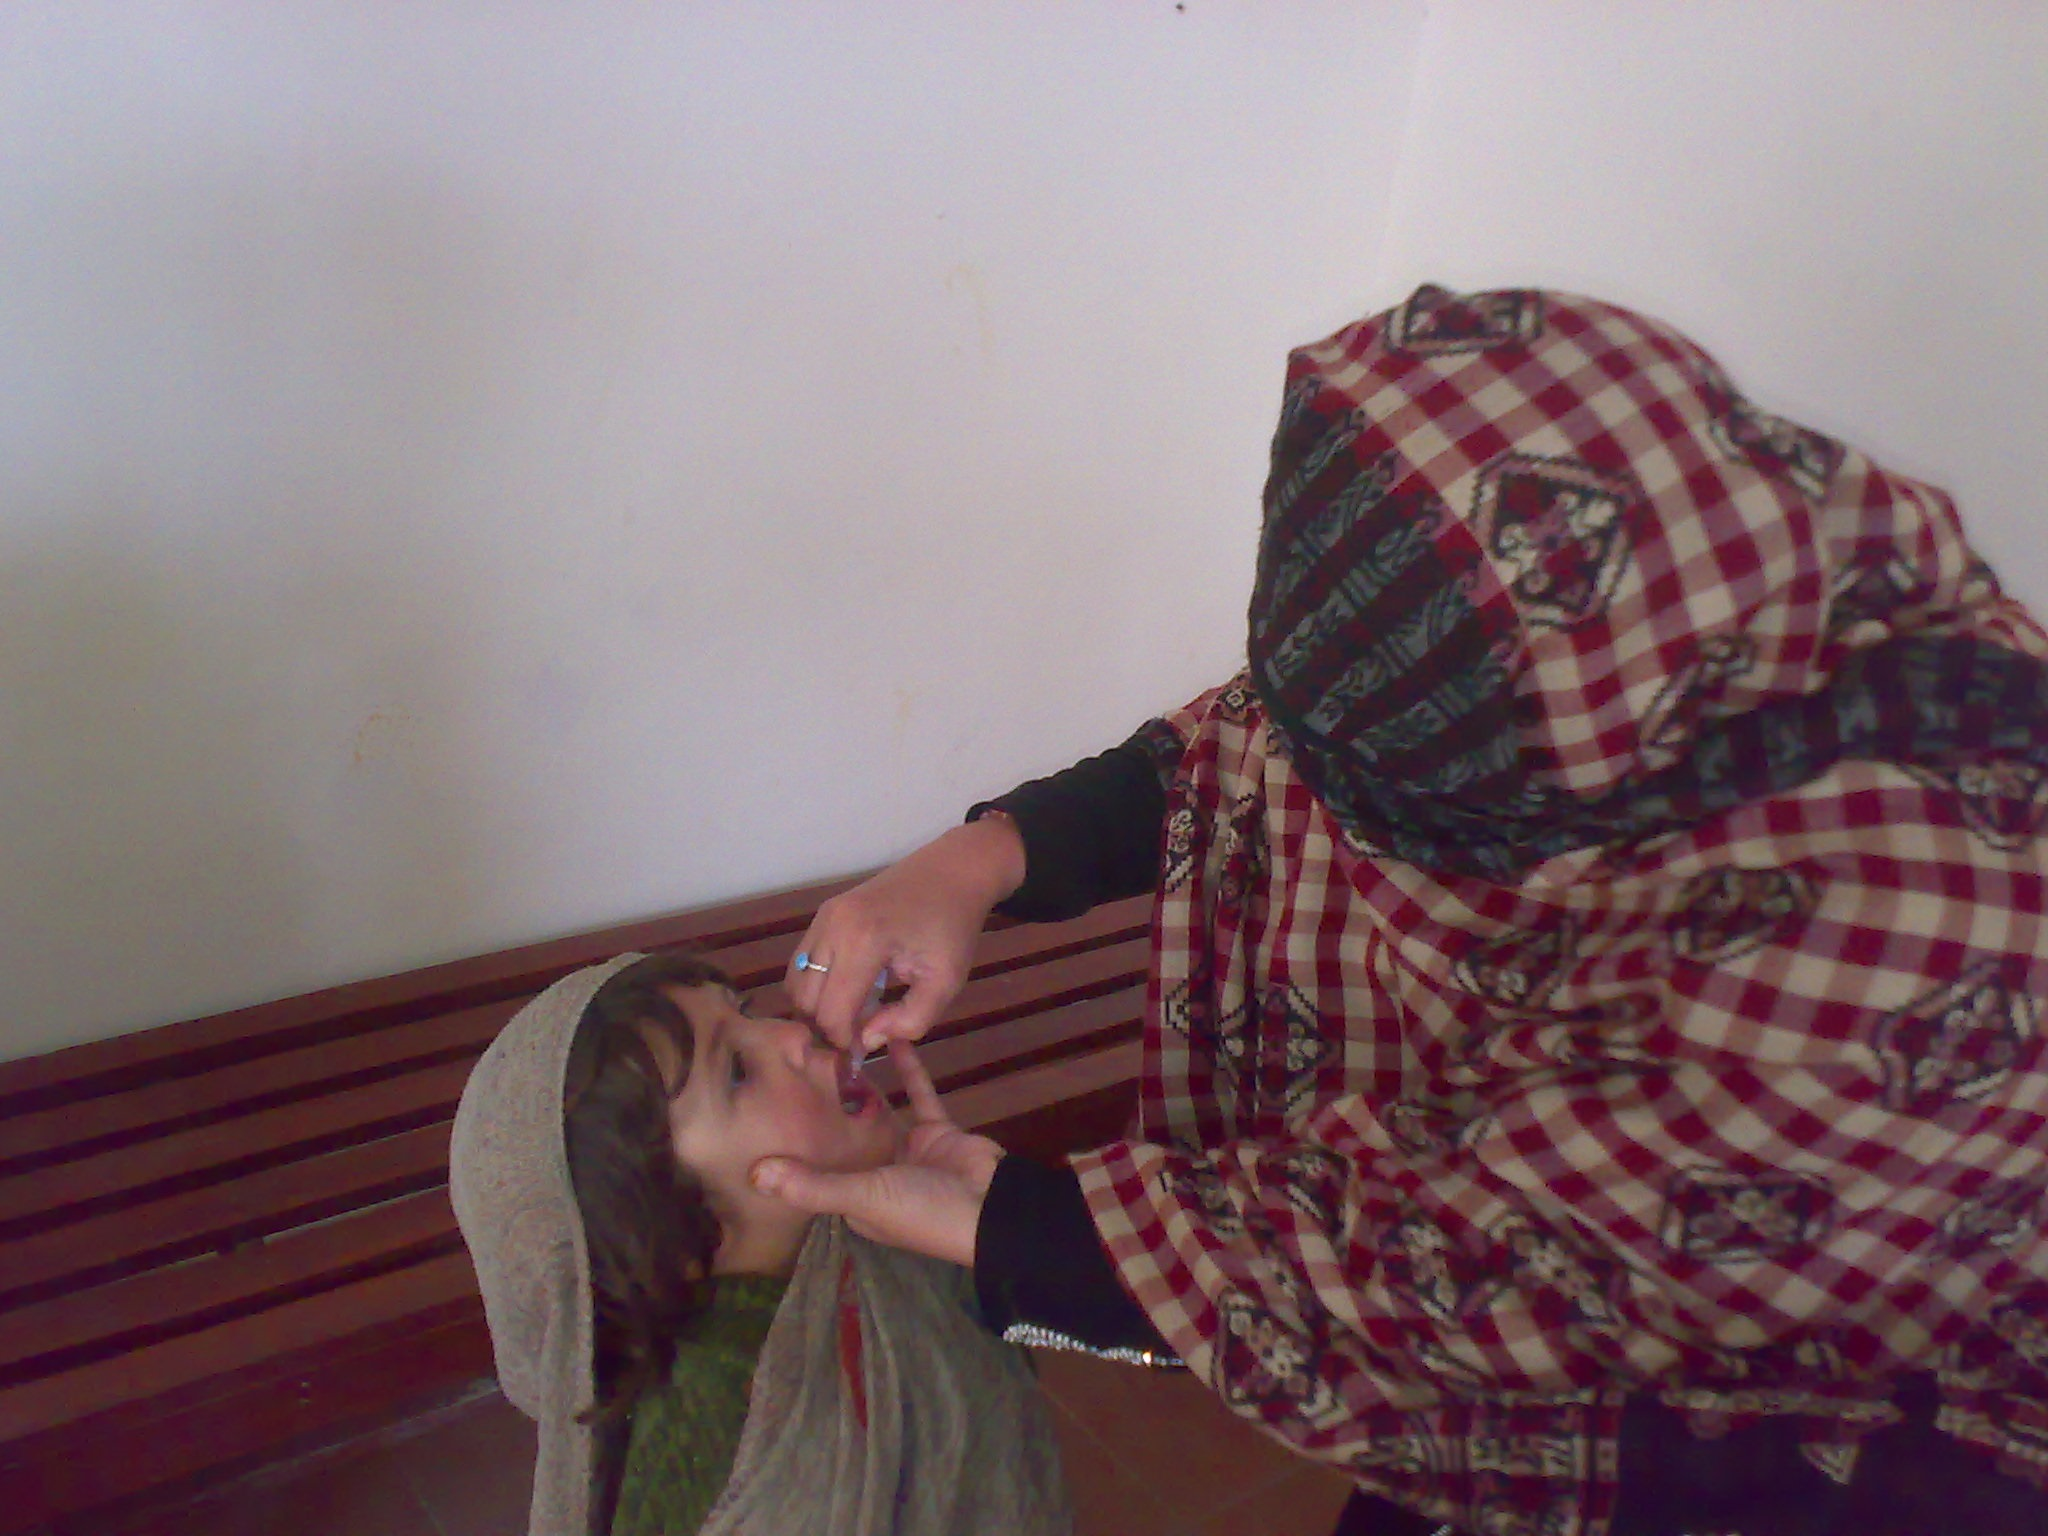 پاکستان د پولیو یا ګوزڼ د واکسین یو پراخ کمپاین پیلوي